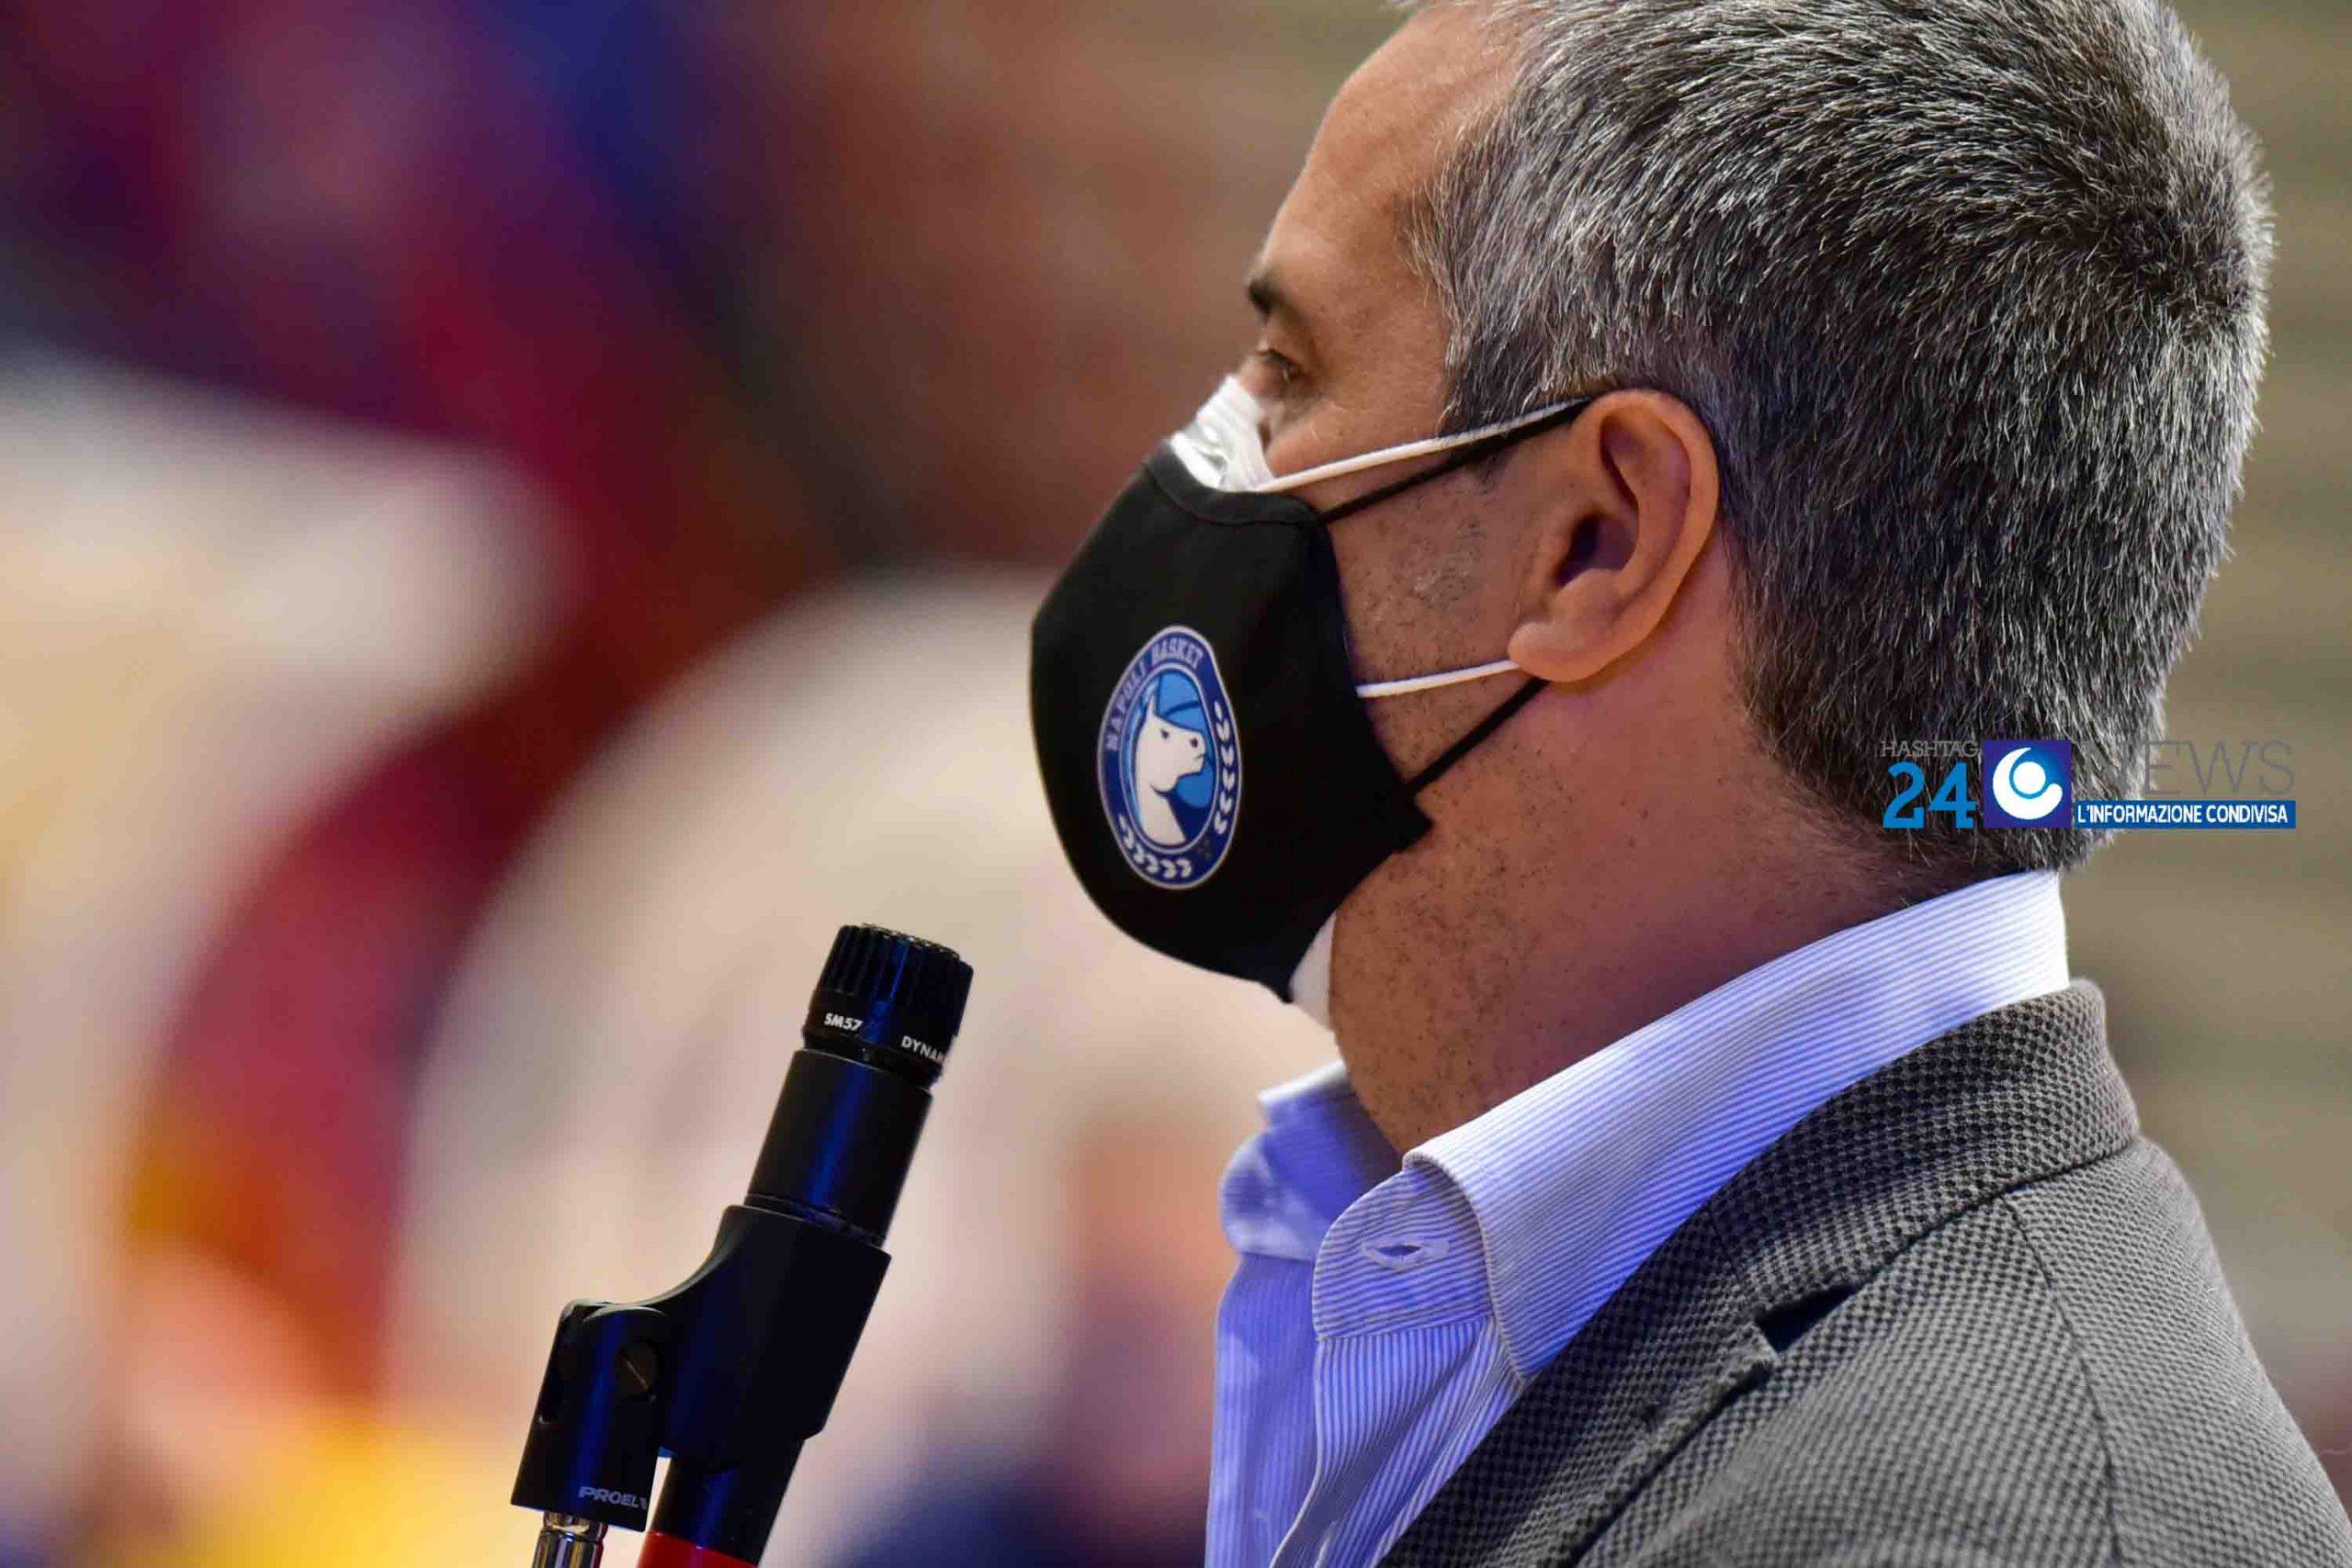 GeVi Napoli Basket: Grassi nominato vicepresidente della LNP